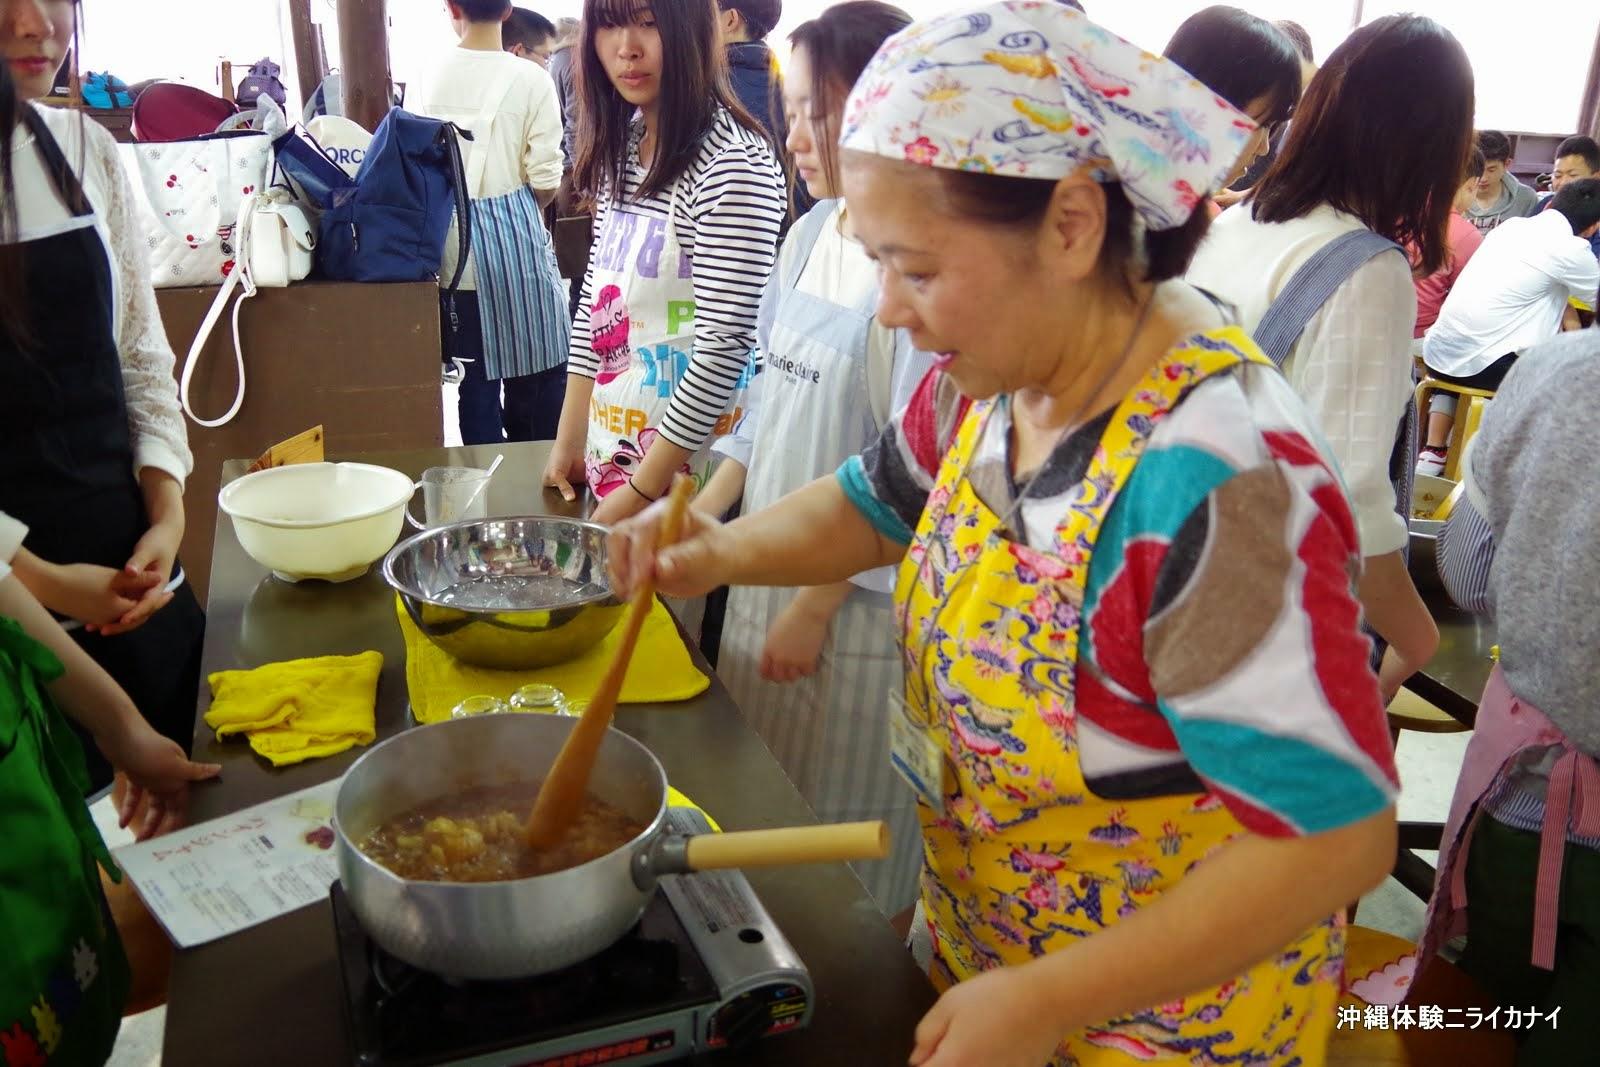 沖縄体験/観光パインジャム作り